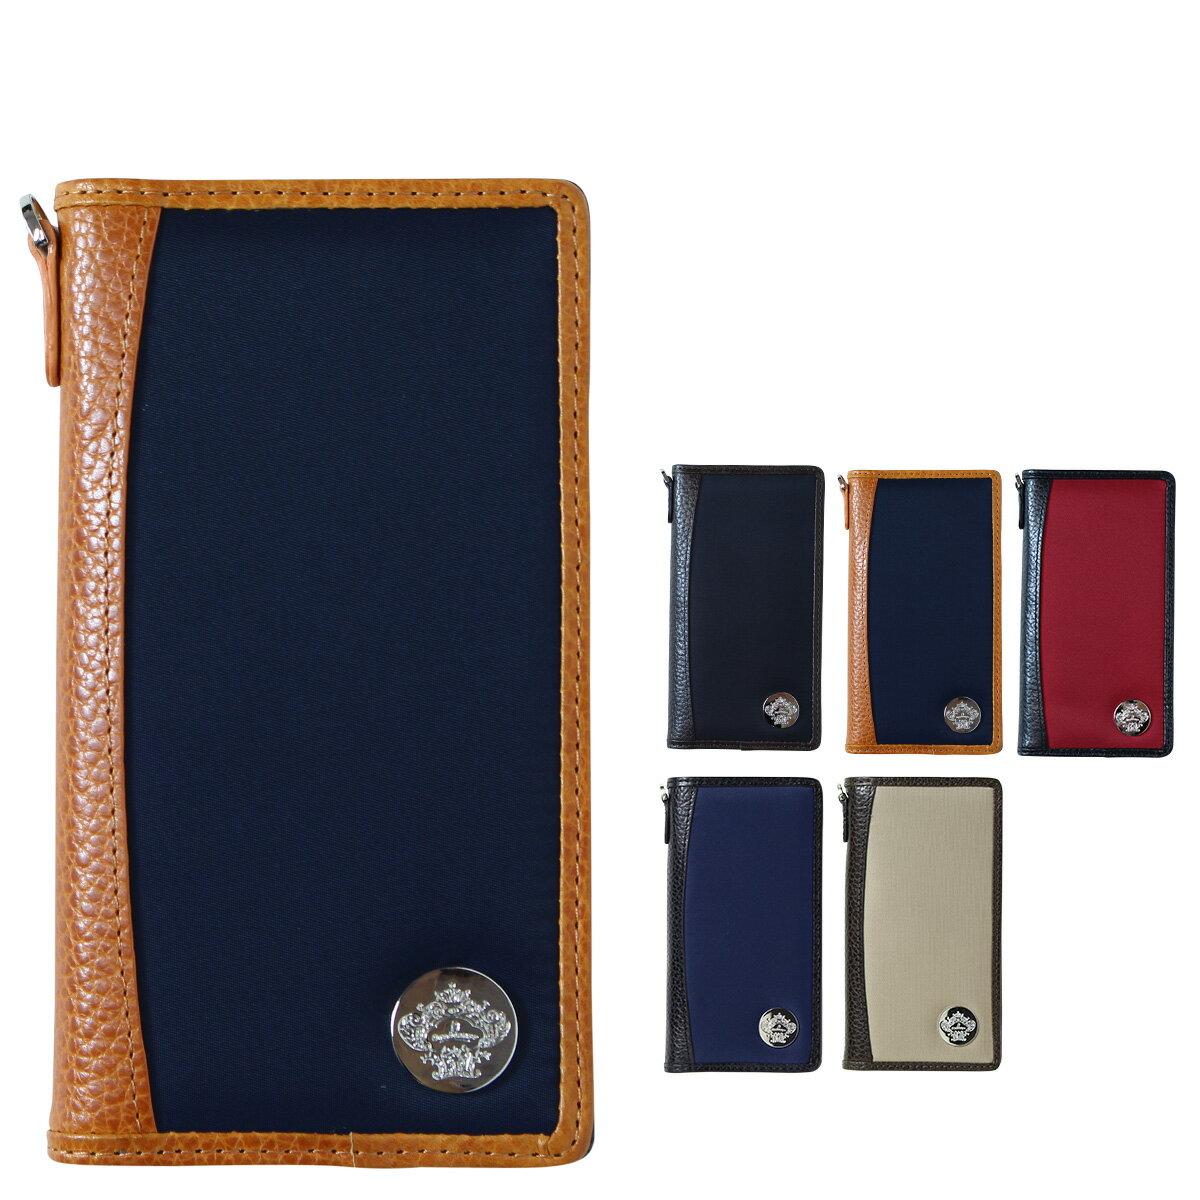 Orobianco CLASSICO オロビアンコ iPhone XR X XS ケース 手帳型 スマホ アイフォン レザー メンズ レディース ORIP-0001 [1811]